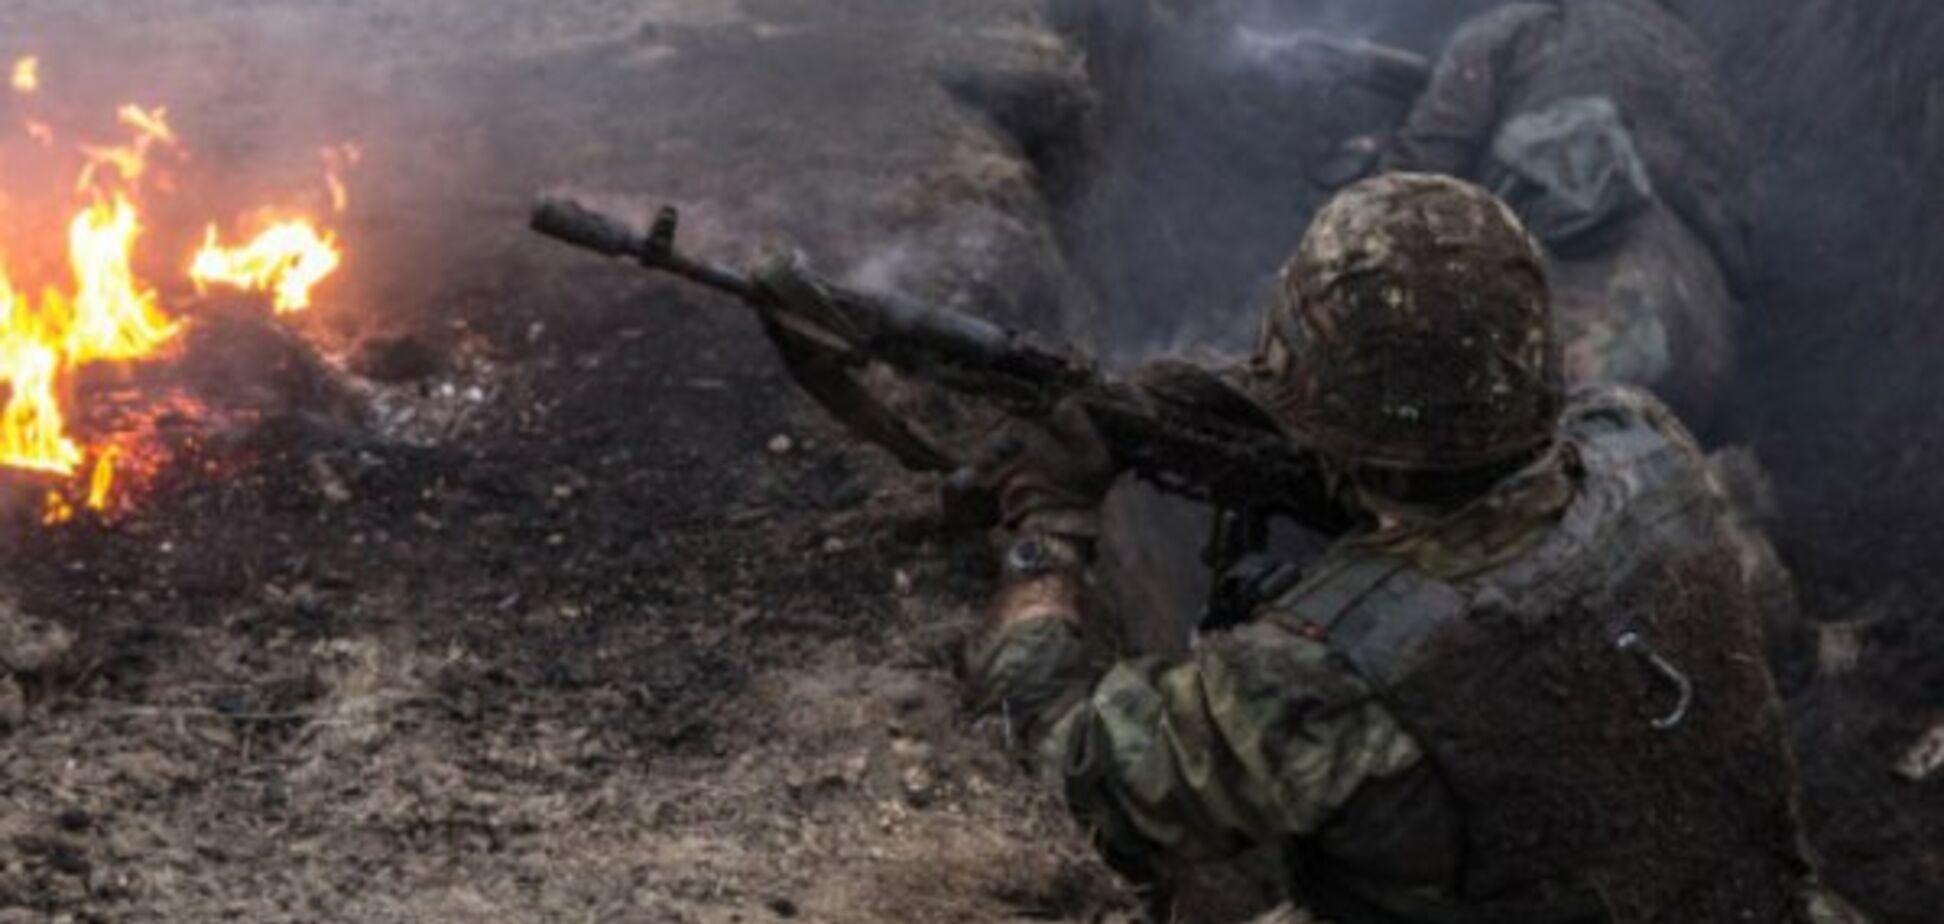 На Донбасі знищено більш ніж тисячу військових Путіна – командувач ООС